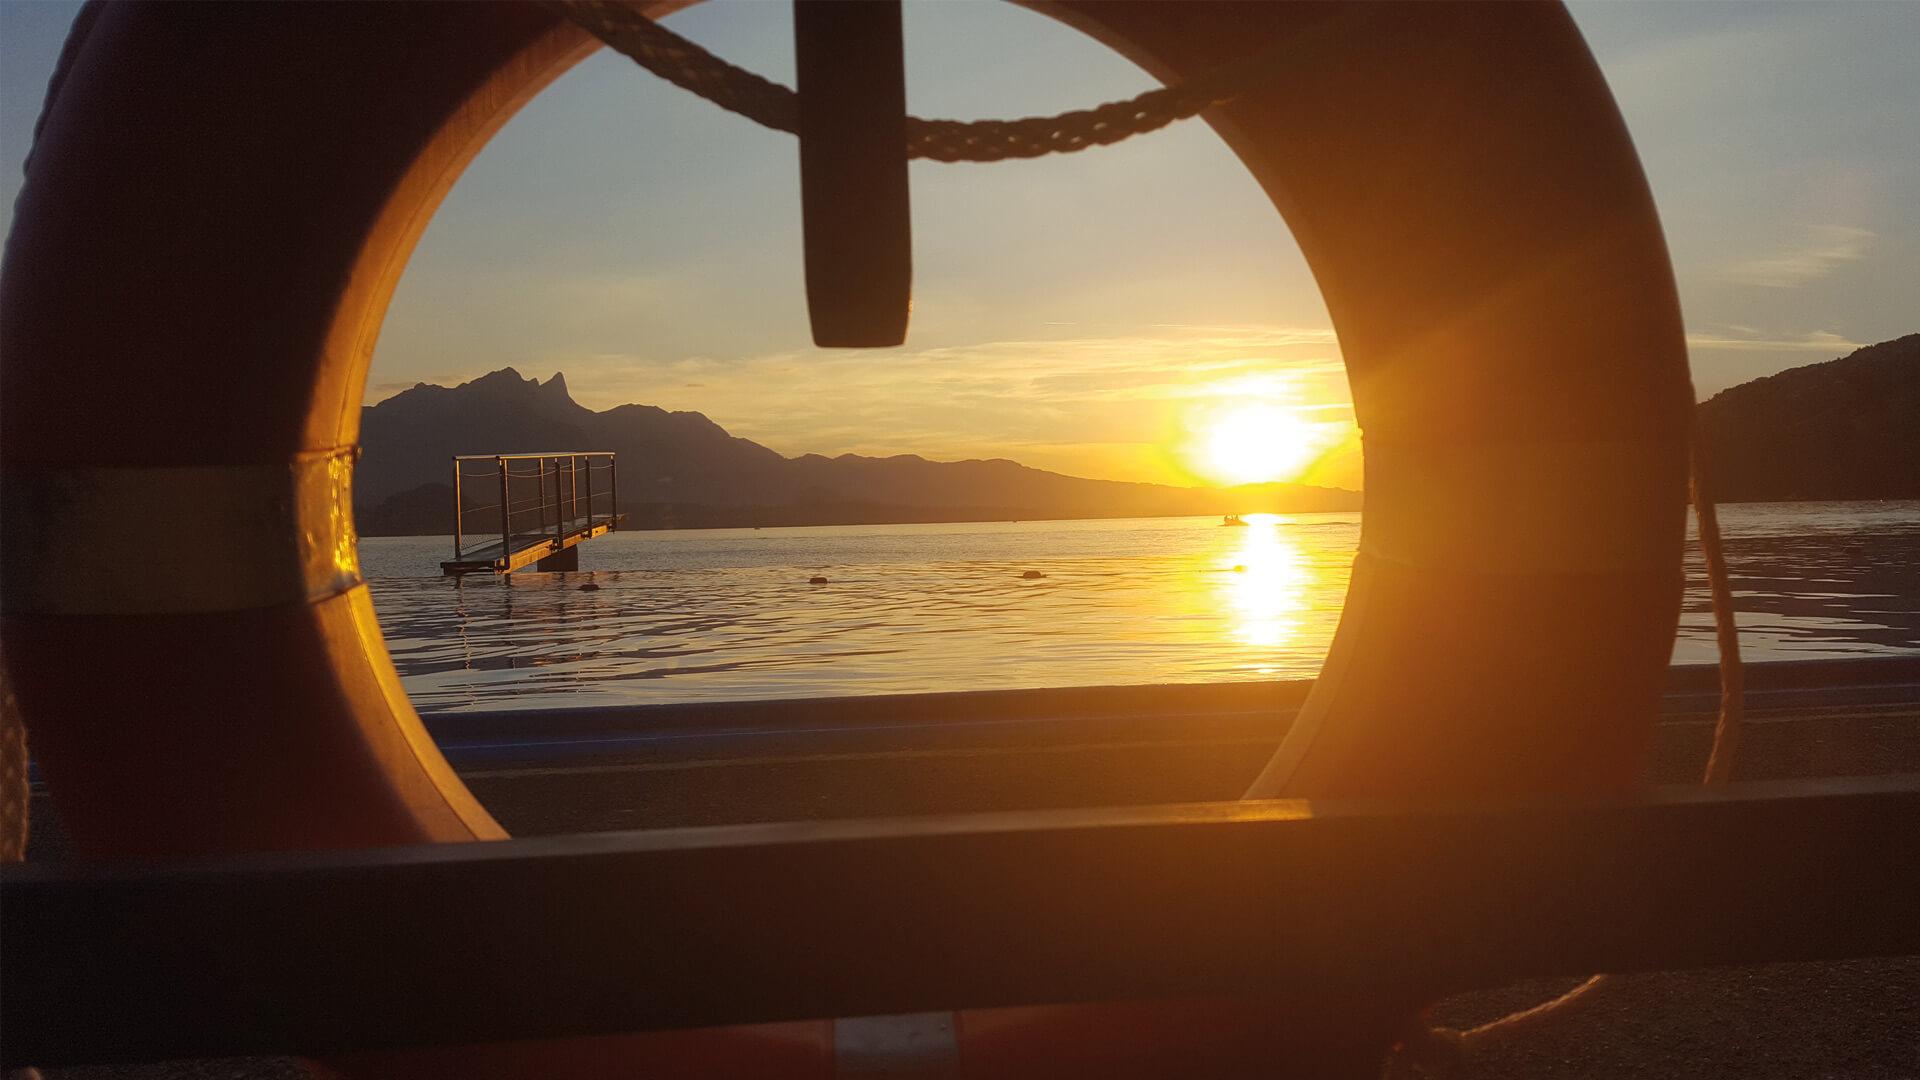 merligen-strandbad-thunersee-baden-sommer-sonnenuntergang-thunersee